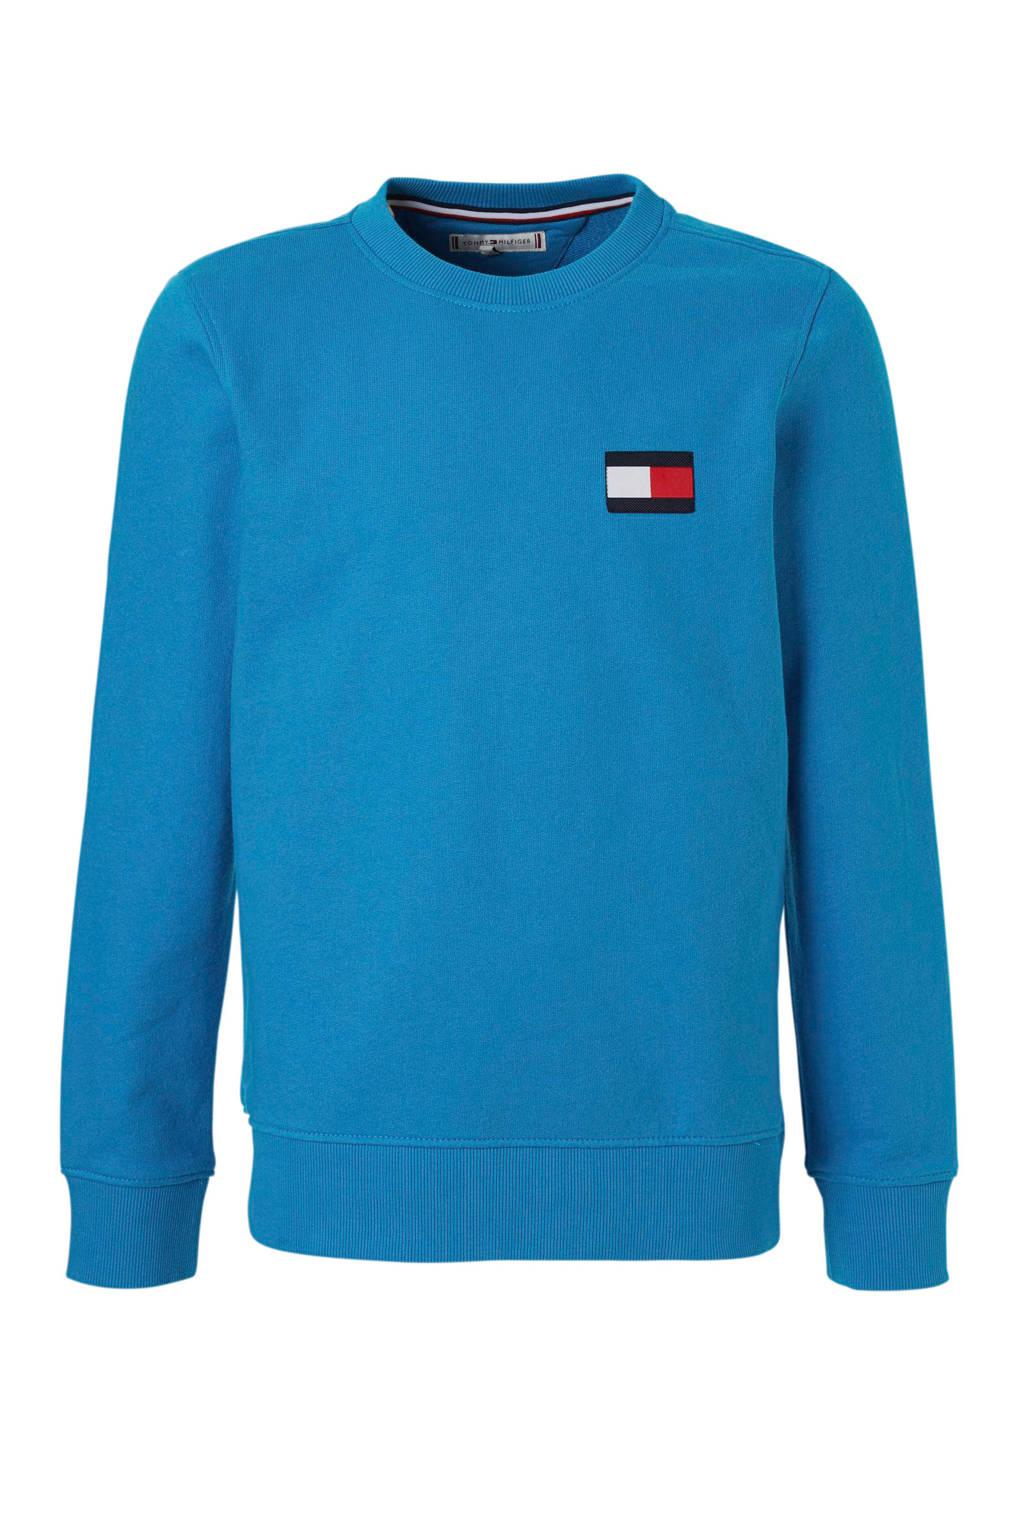 Tommy Hilfiger sweater met logo blauw, Blauw